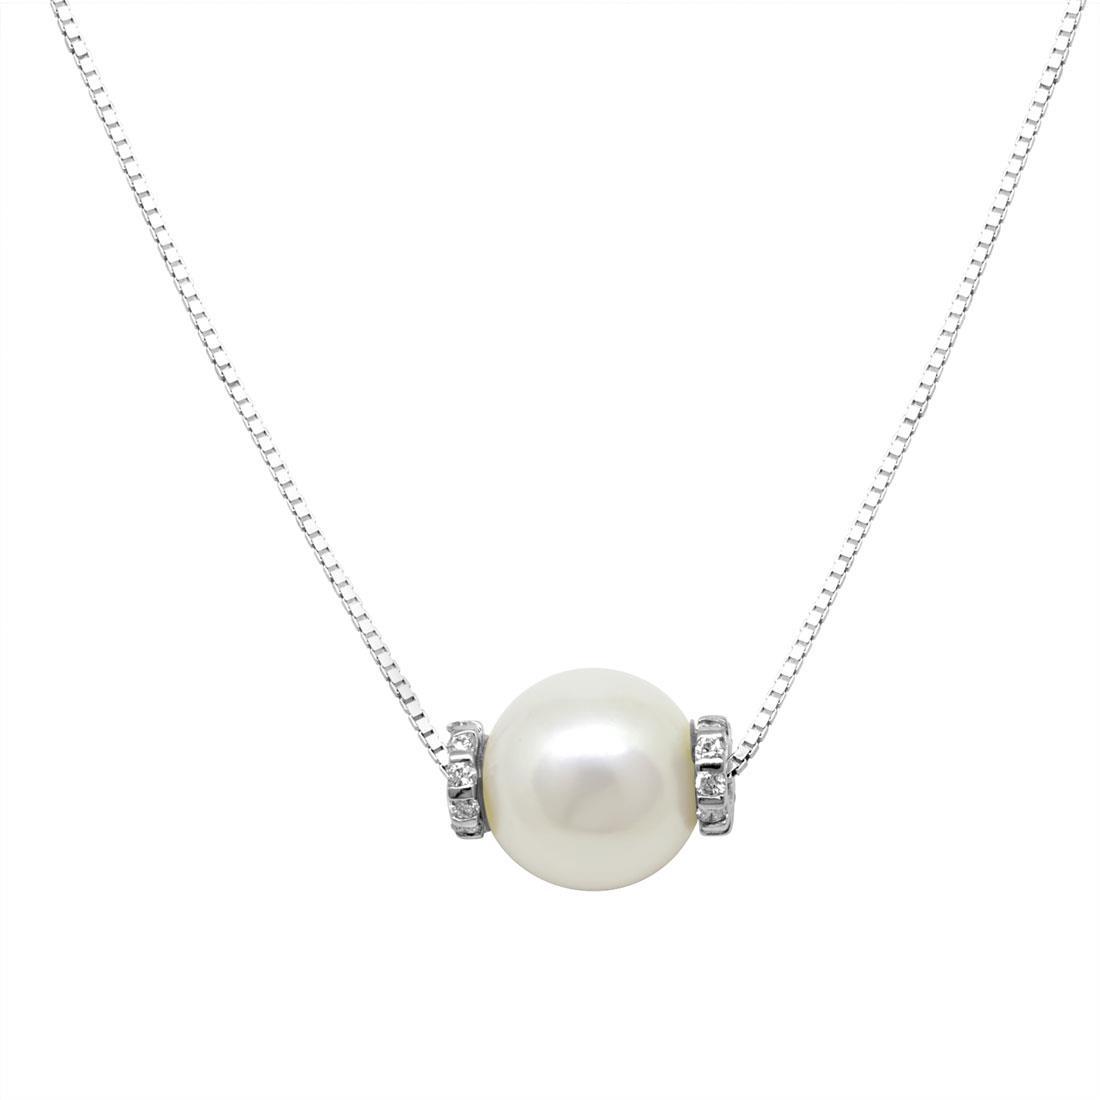 Collana in oro bianco con perla bianca e diamanti ct 0.12 - SALVINI